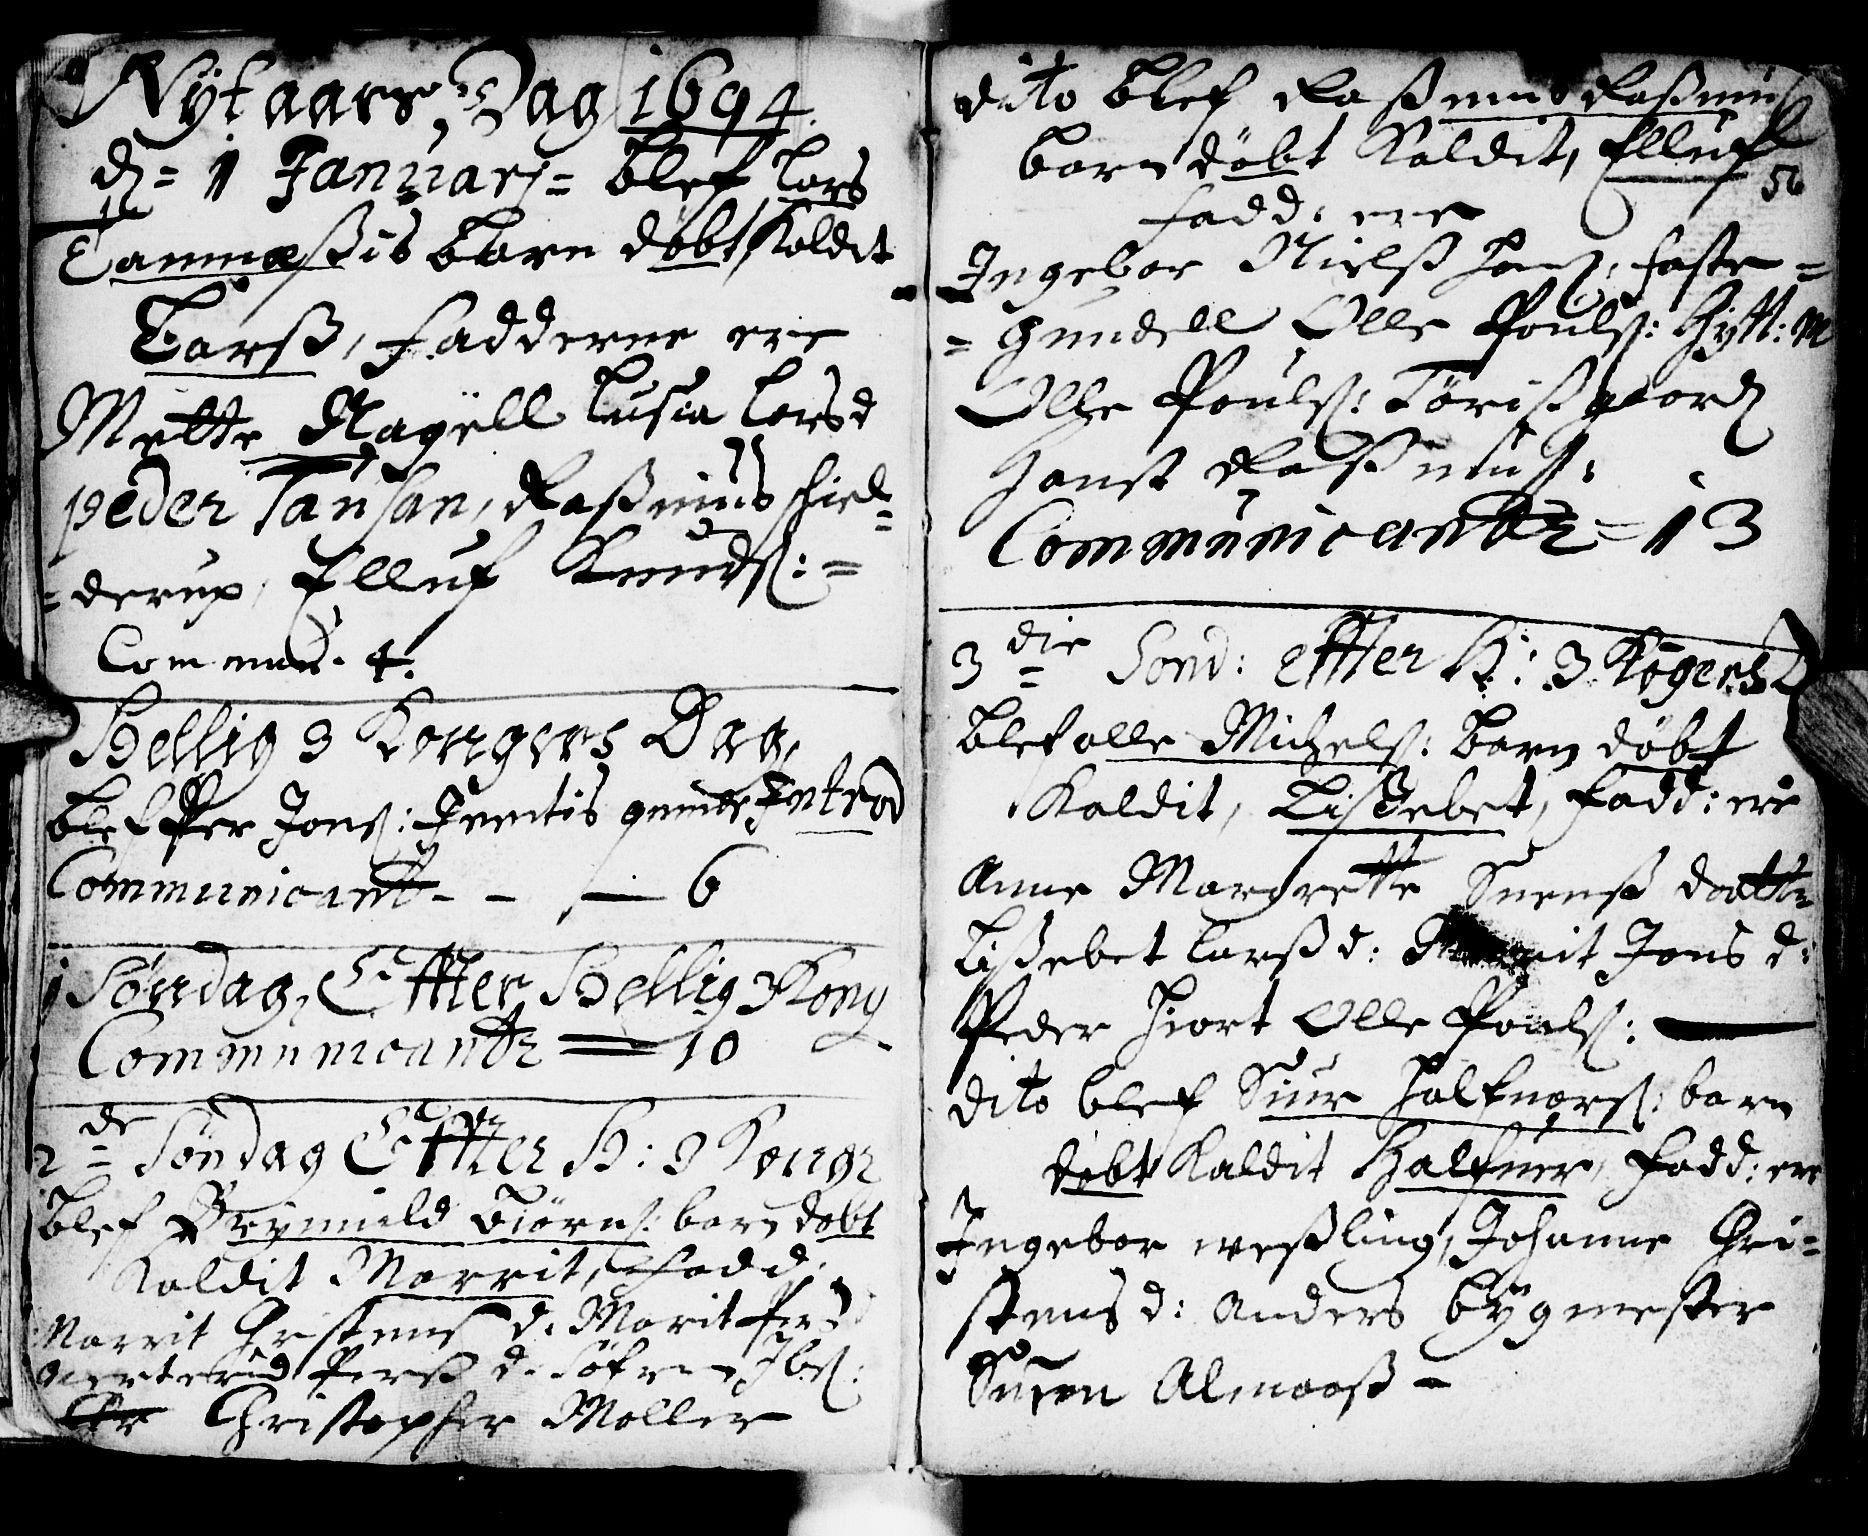 SAT, Ministerialprotokoller, klokkerbøker og fødselsregistre - Sør-Trøndelag, 681/L0923: Ministerialbok nr. 681A01, 1691-1700, s. 56